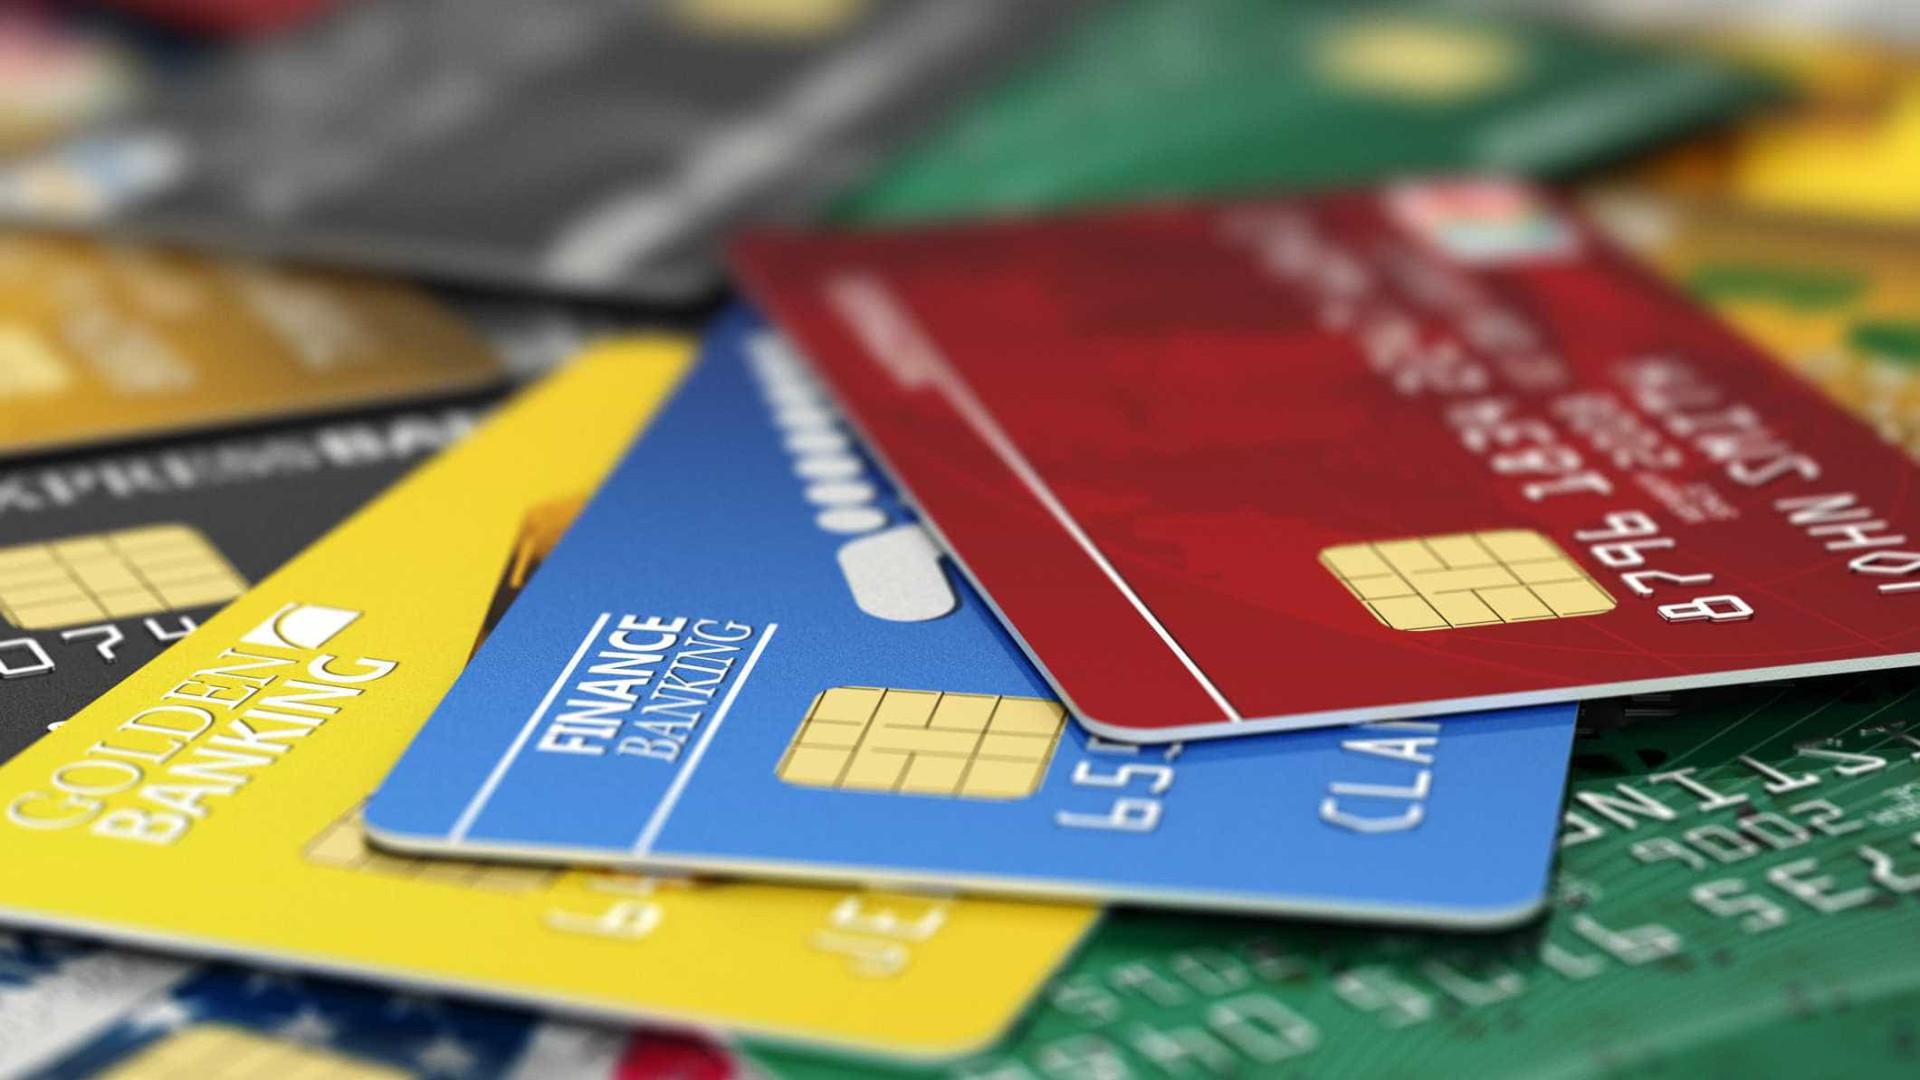 Roubaram cartão bancário, mas devolveram depois de levantarem dinheiro